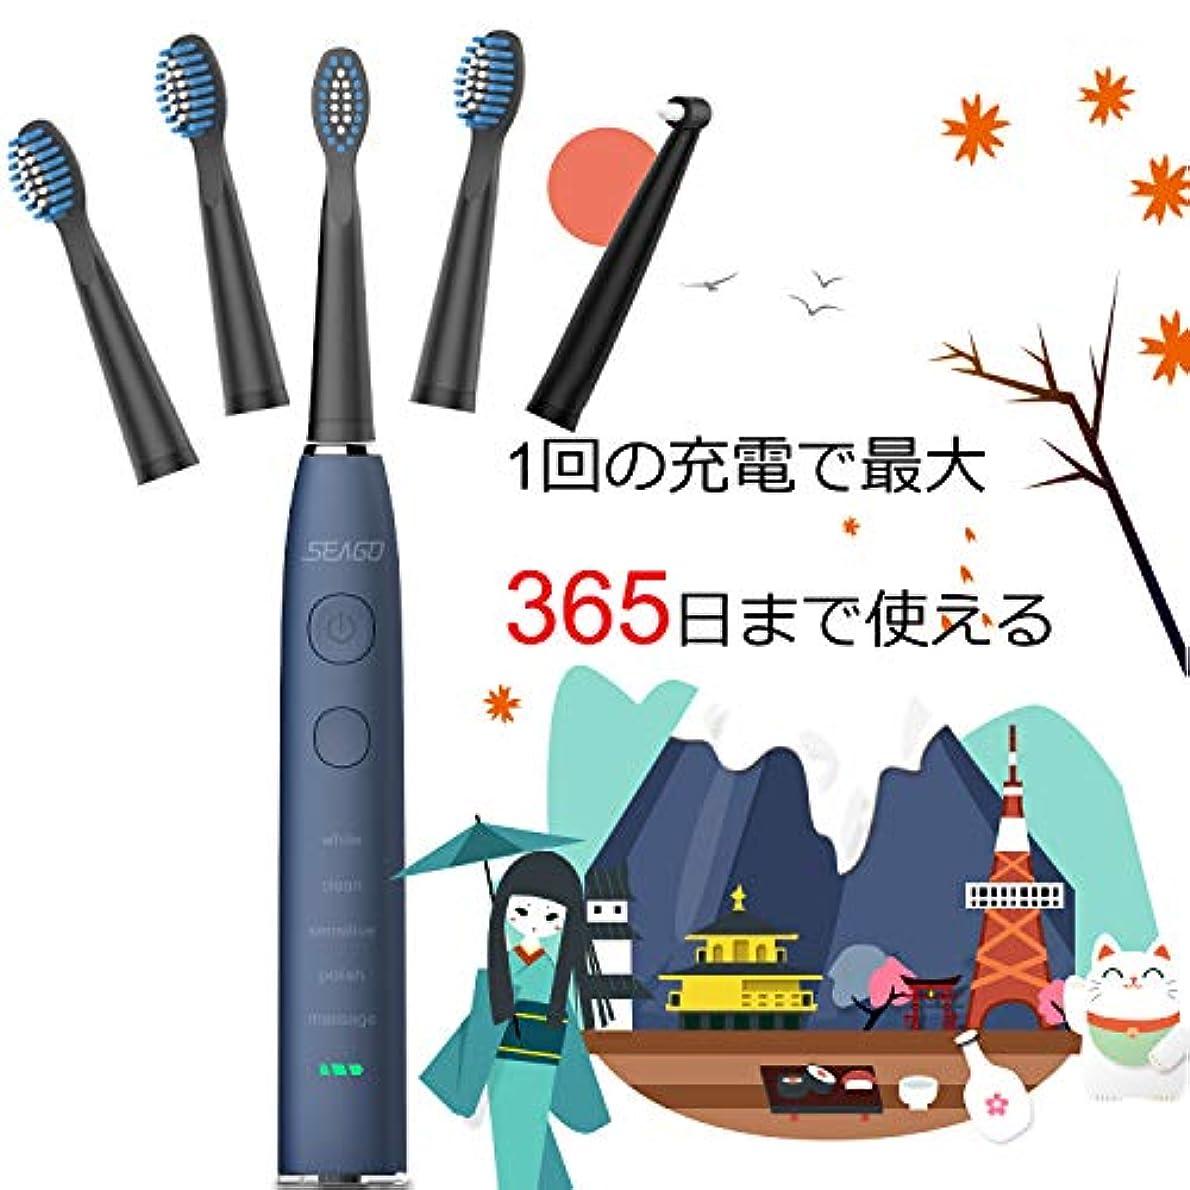 論争的音声学消す電動歯ブラシ 歯ブラシ seago 音波歯ブラシ USB充電式8時間 365日に使用 IPX7防水 五つモードと2分オートタイマー機能搭載 替えブラシ5本 12ヶ月メーカー保証 SG-575(ブルー)